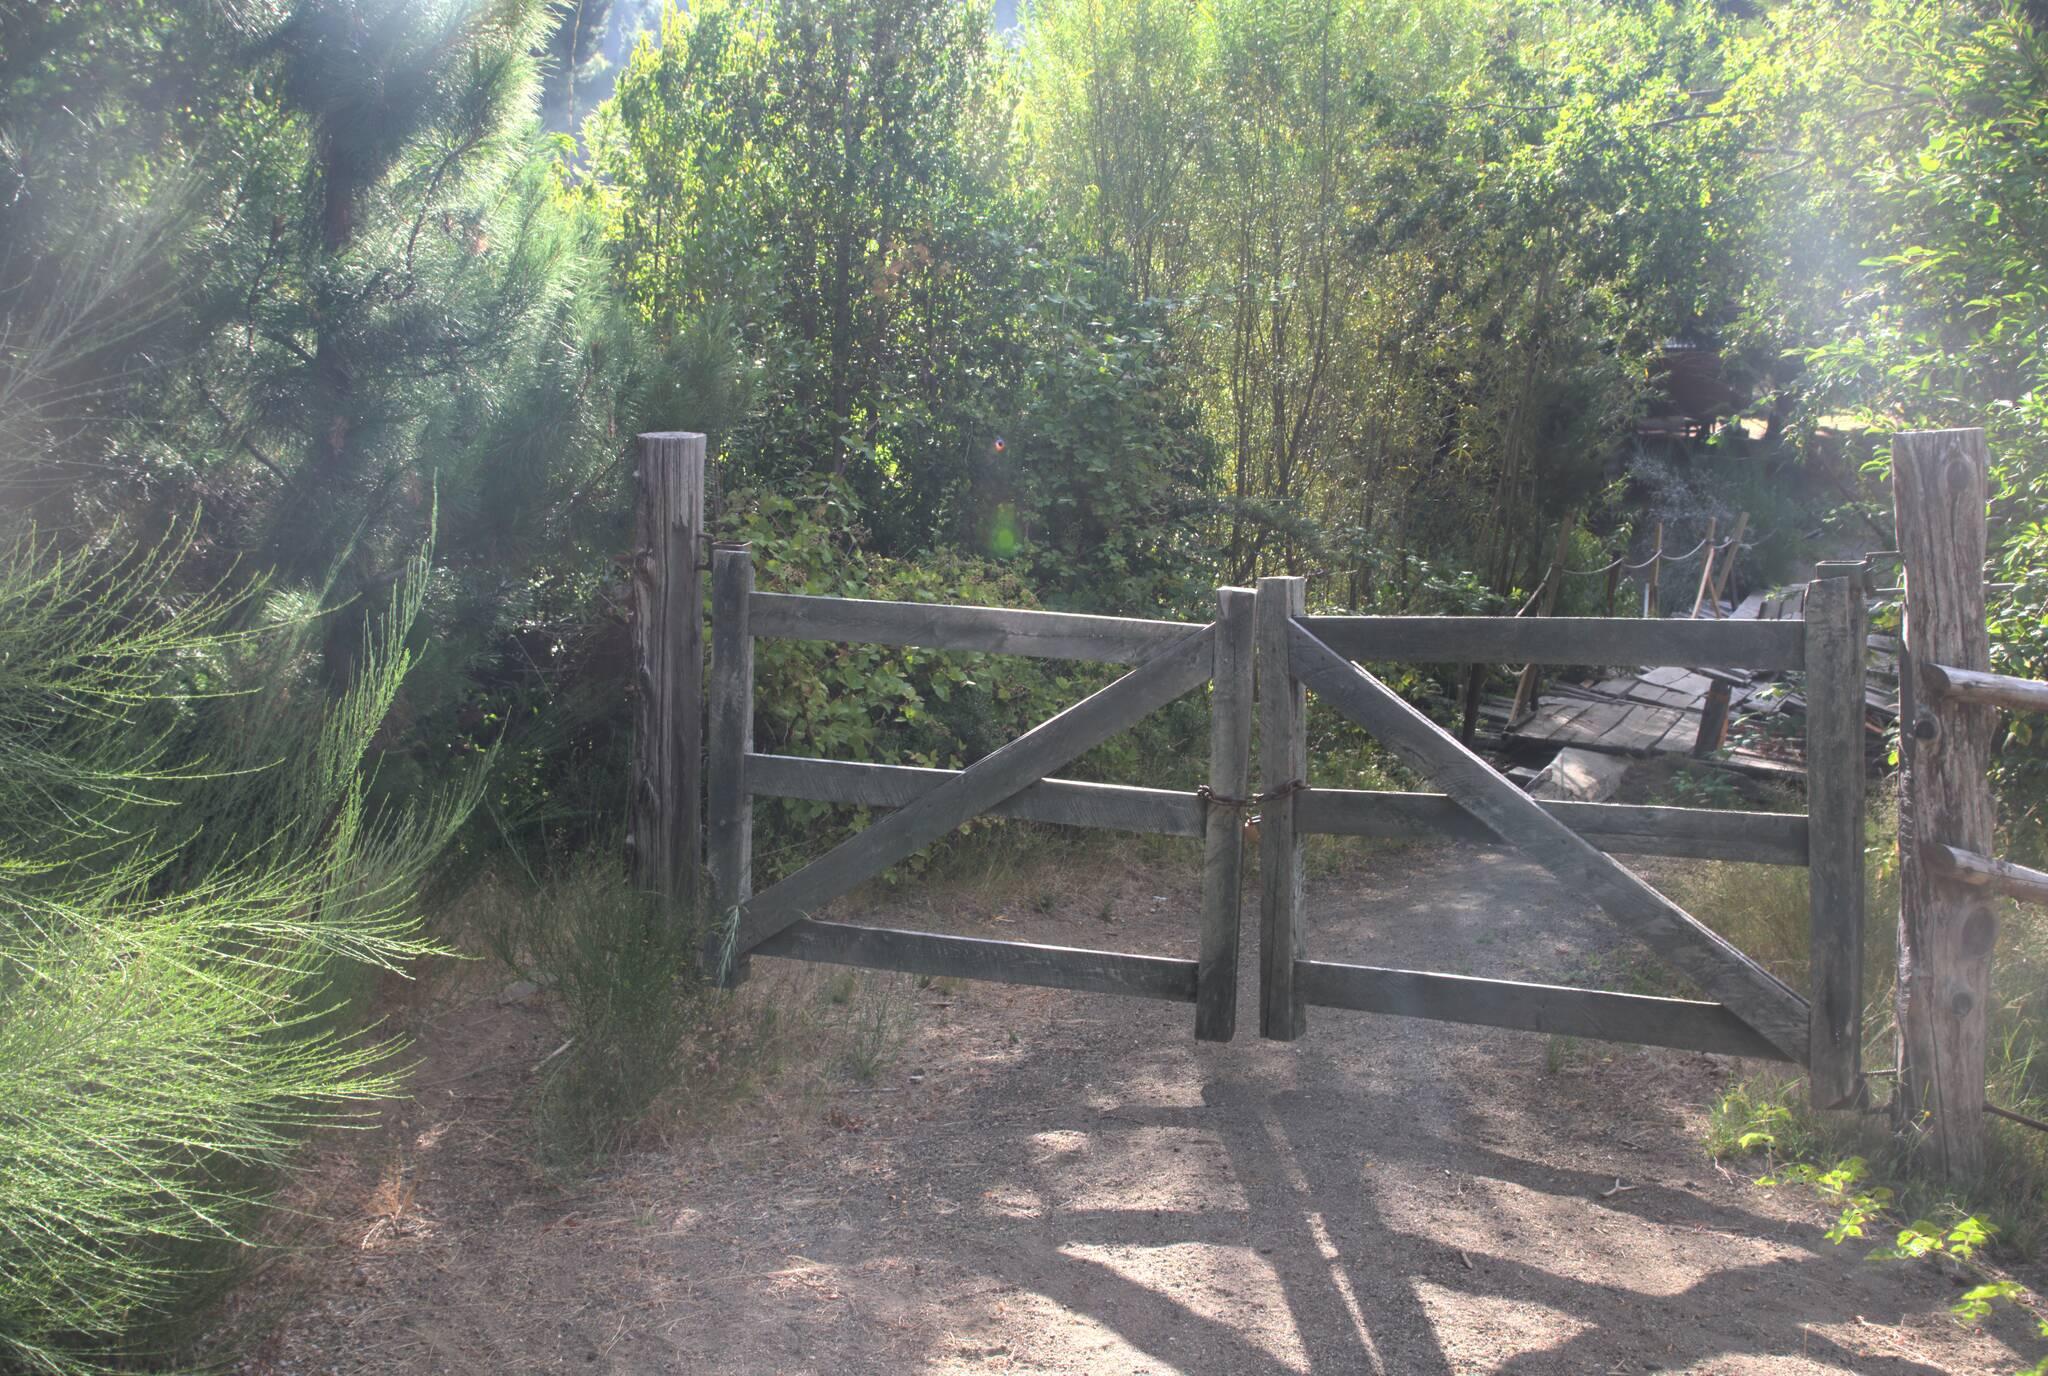 Lekko zawalony mostek, a bramę można objechać bokiem. Pieszy skrót, którego nie było na mapie.